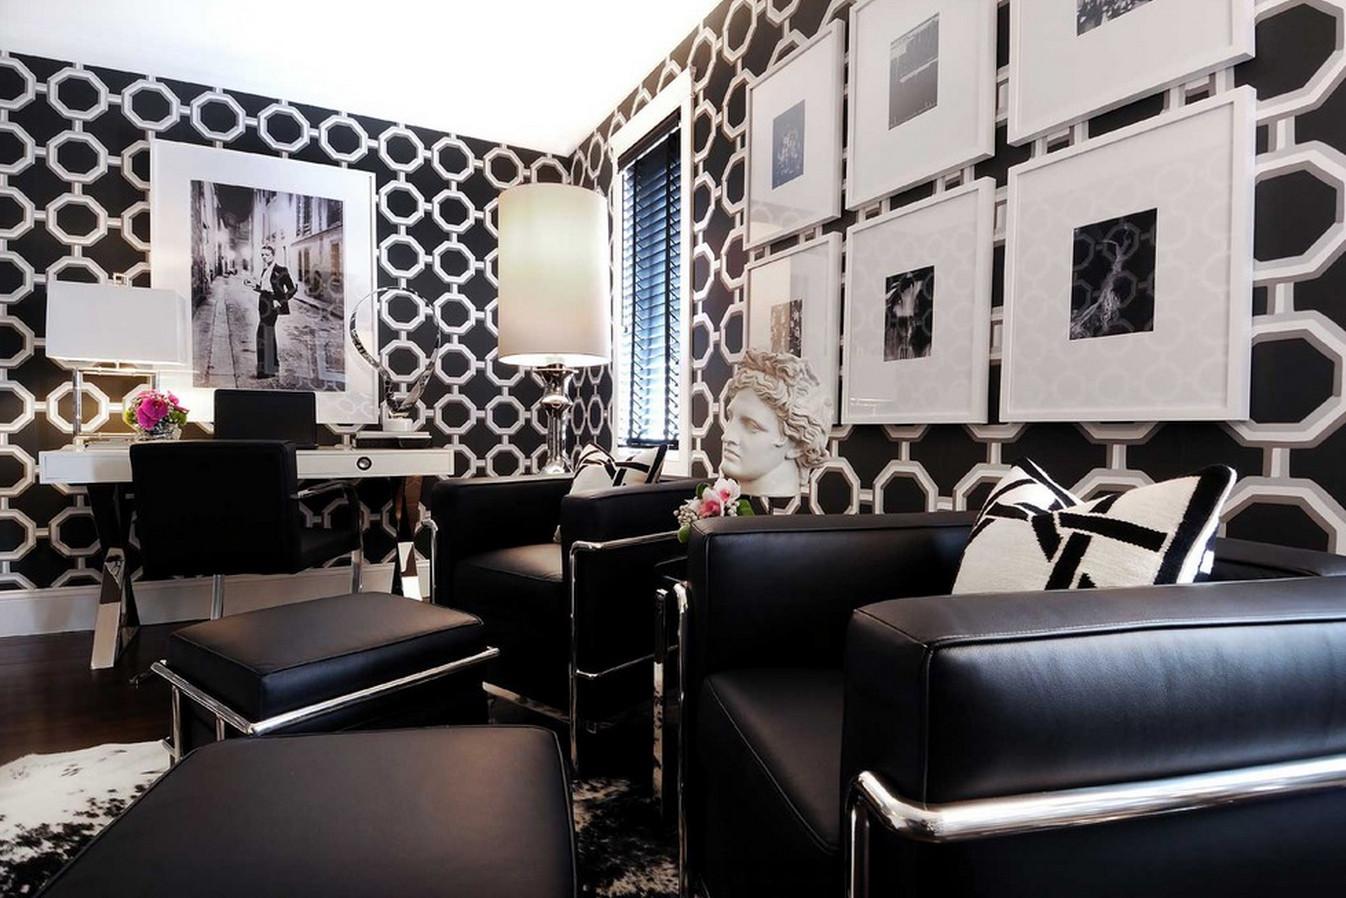 Черно-белая гостиная: современные интерьеры с яркими акцентами